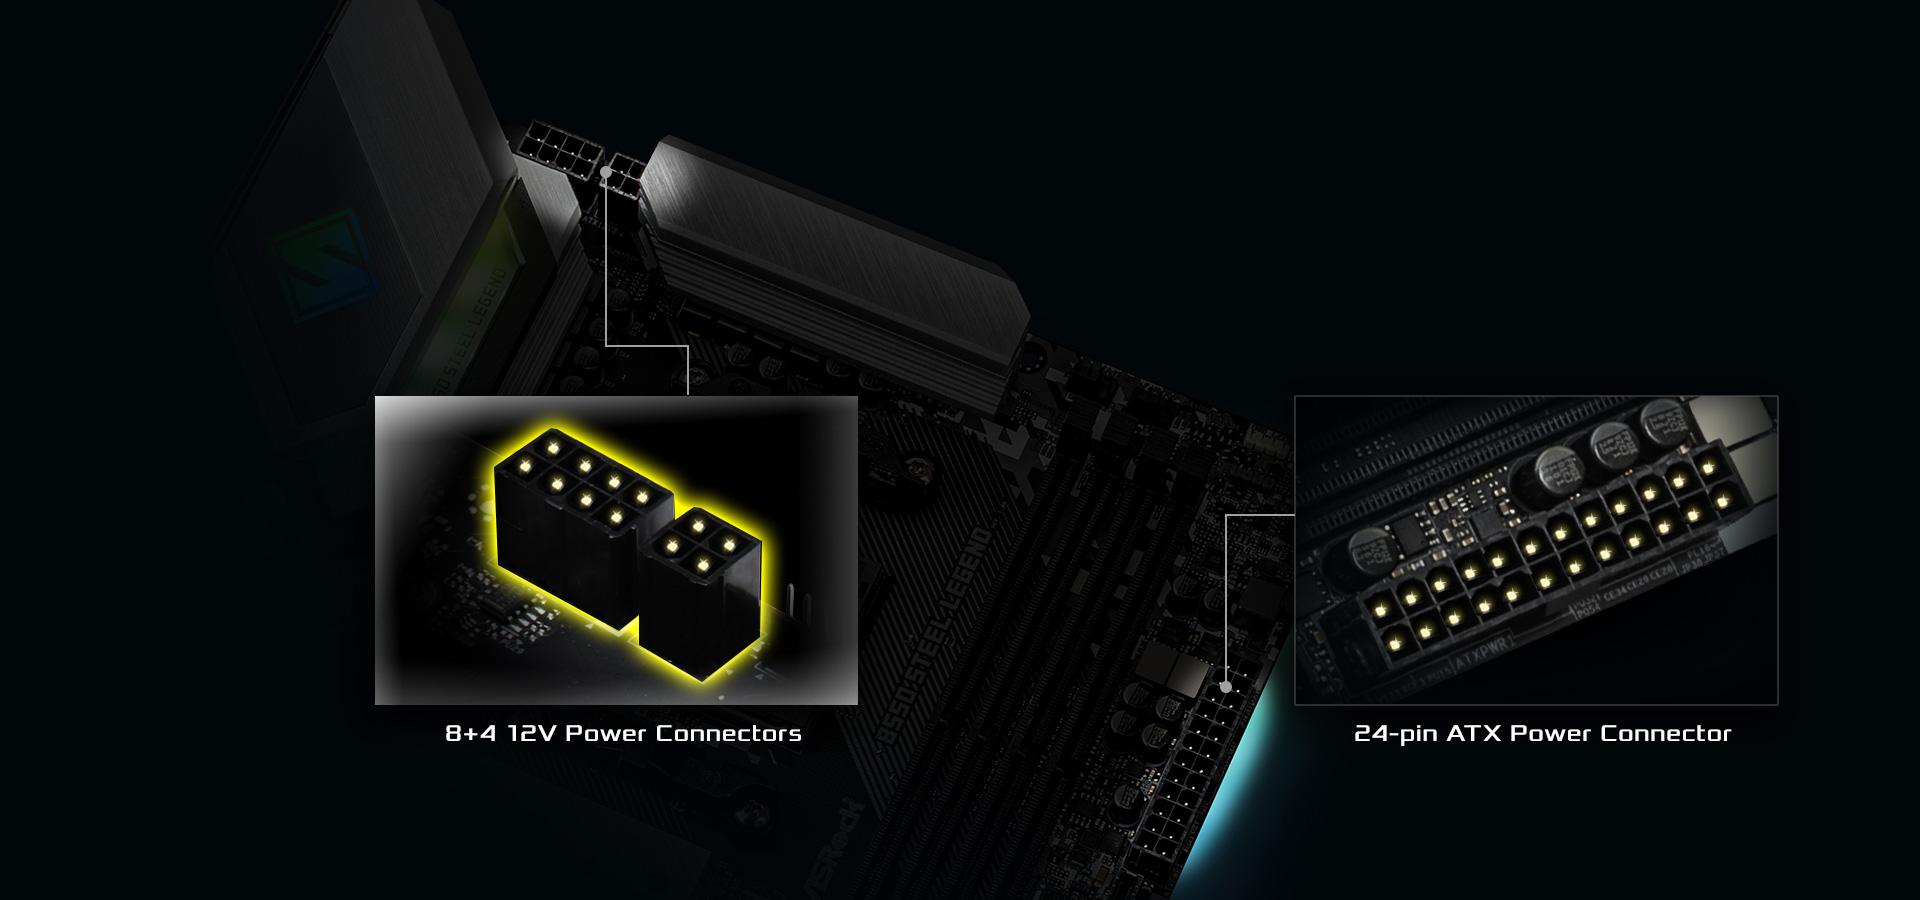 HiDensityPowerConnector-B550 of the motherboard